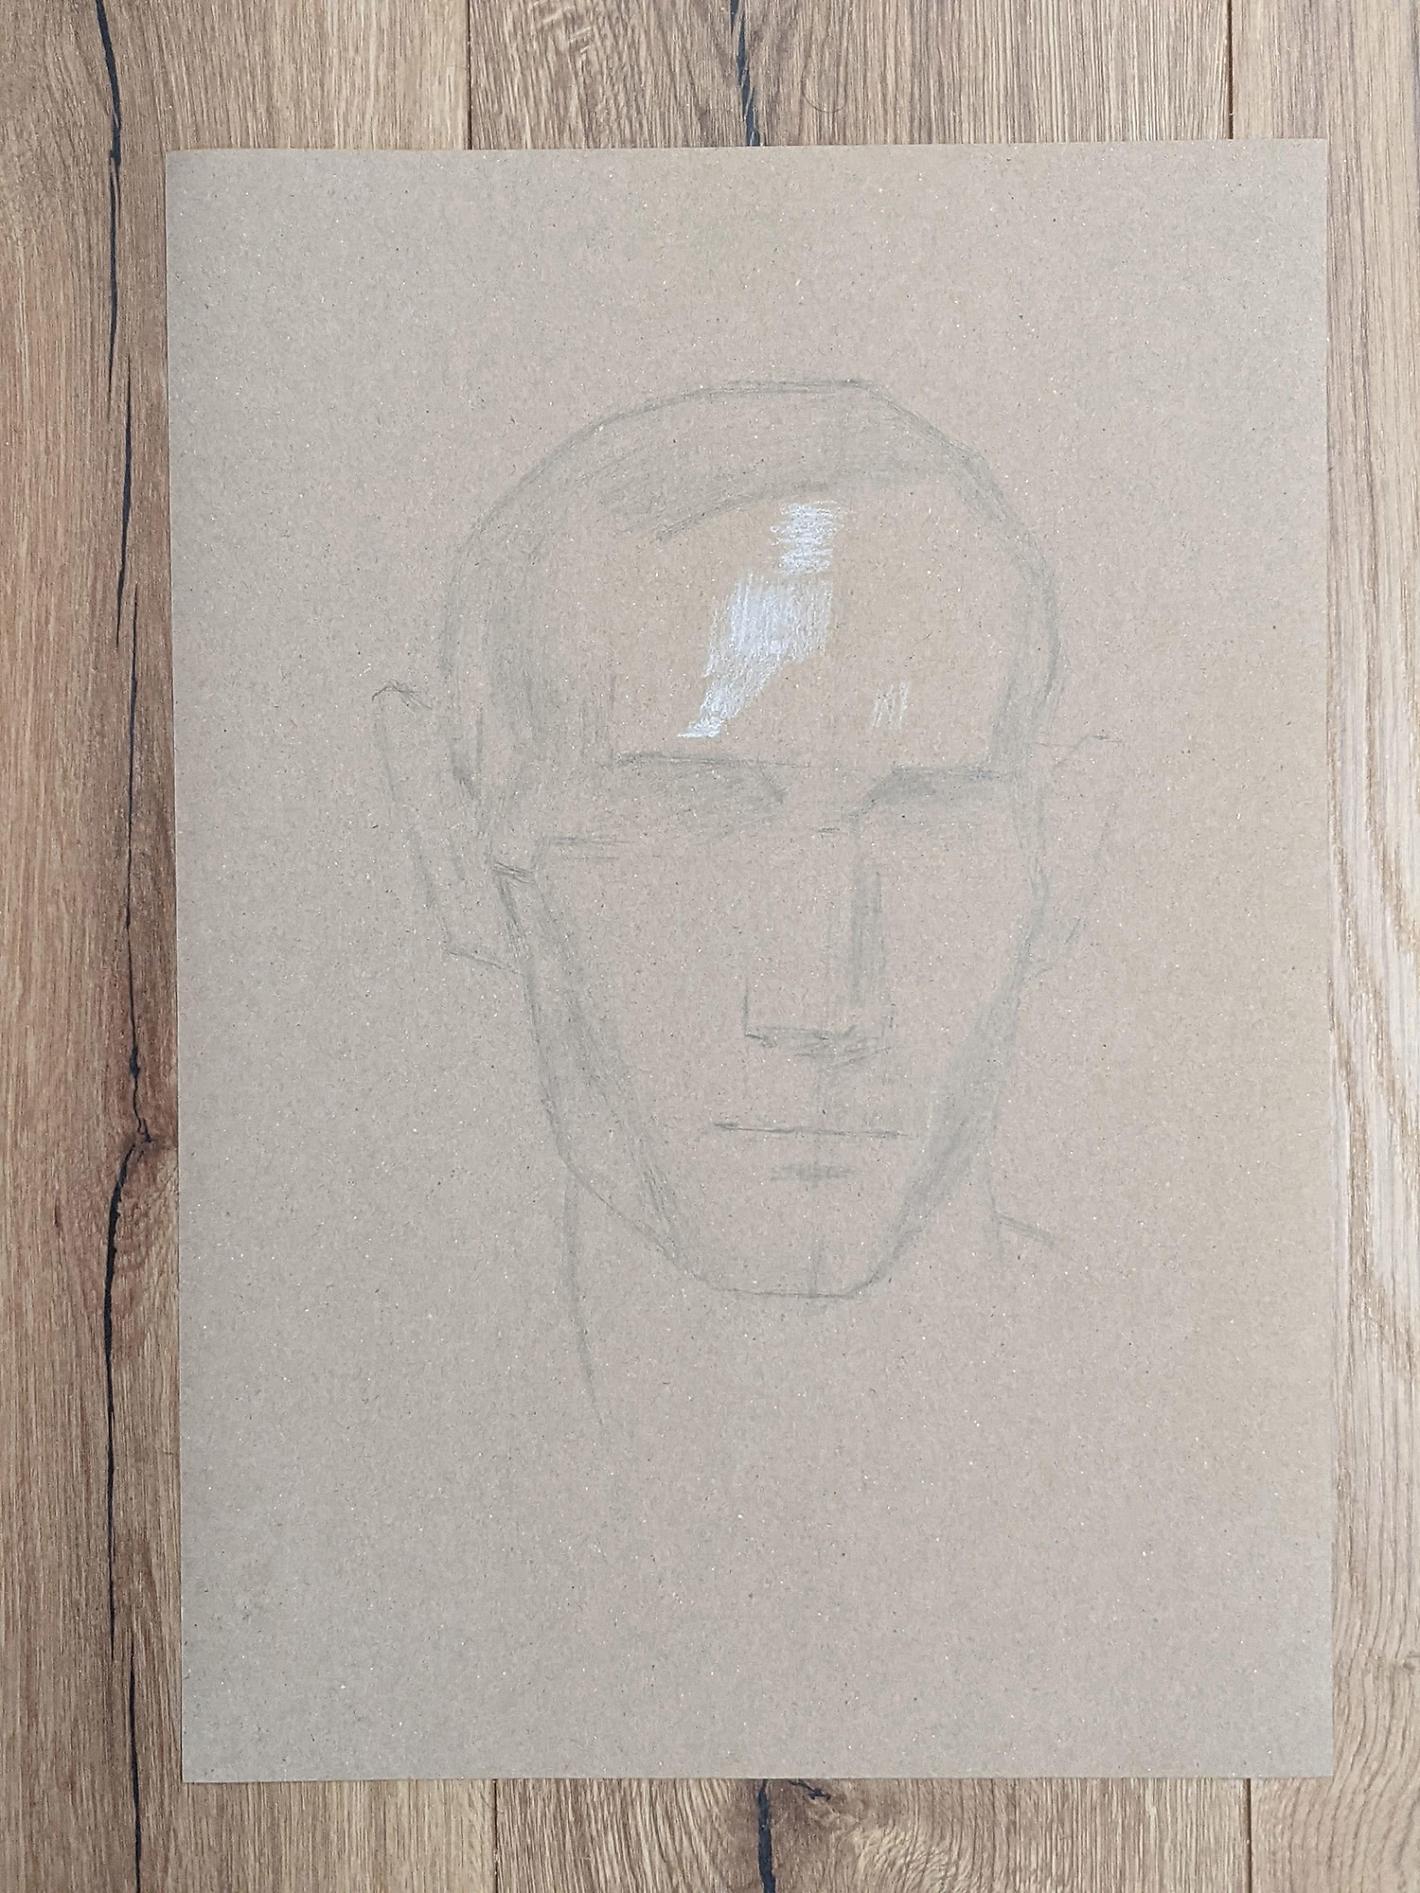 Portraitzeichnung 17.05